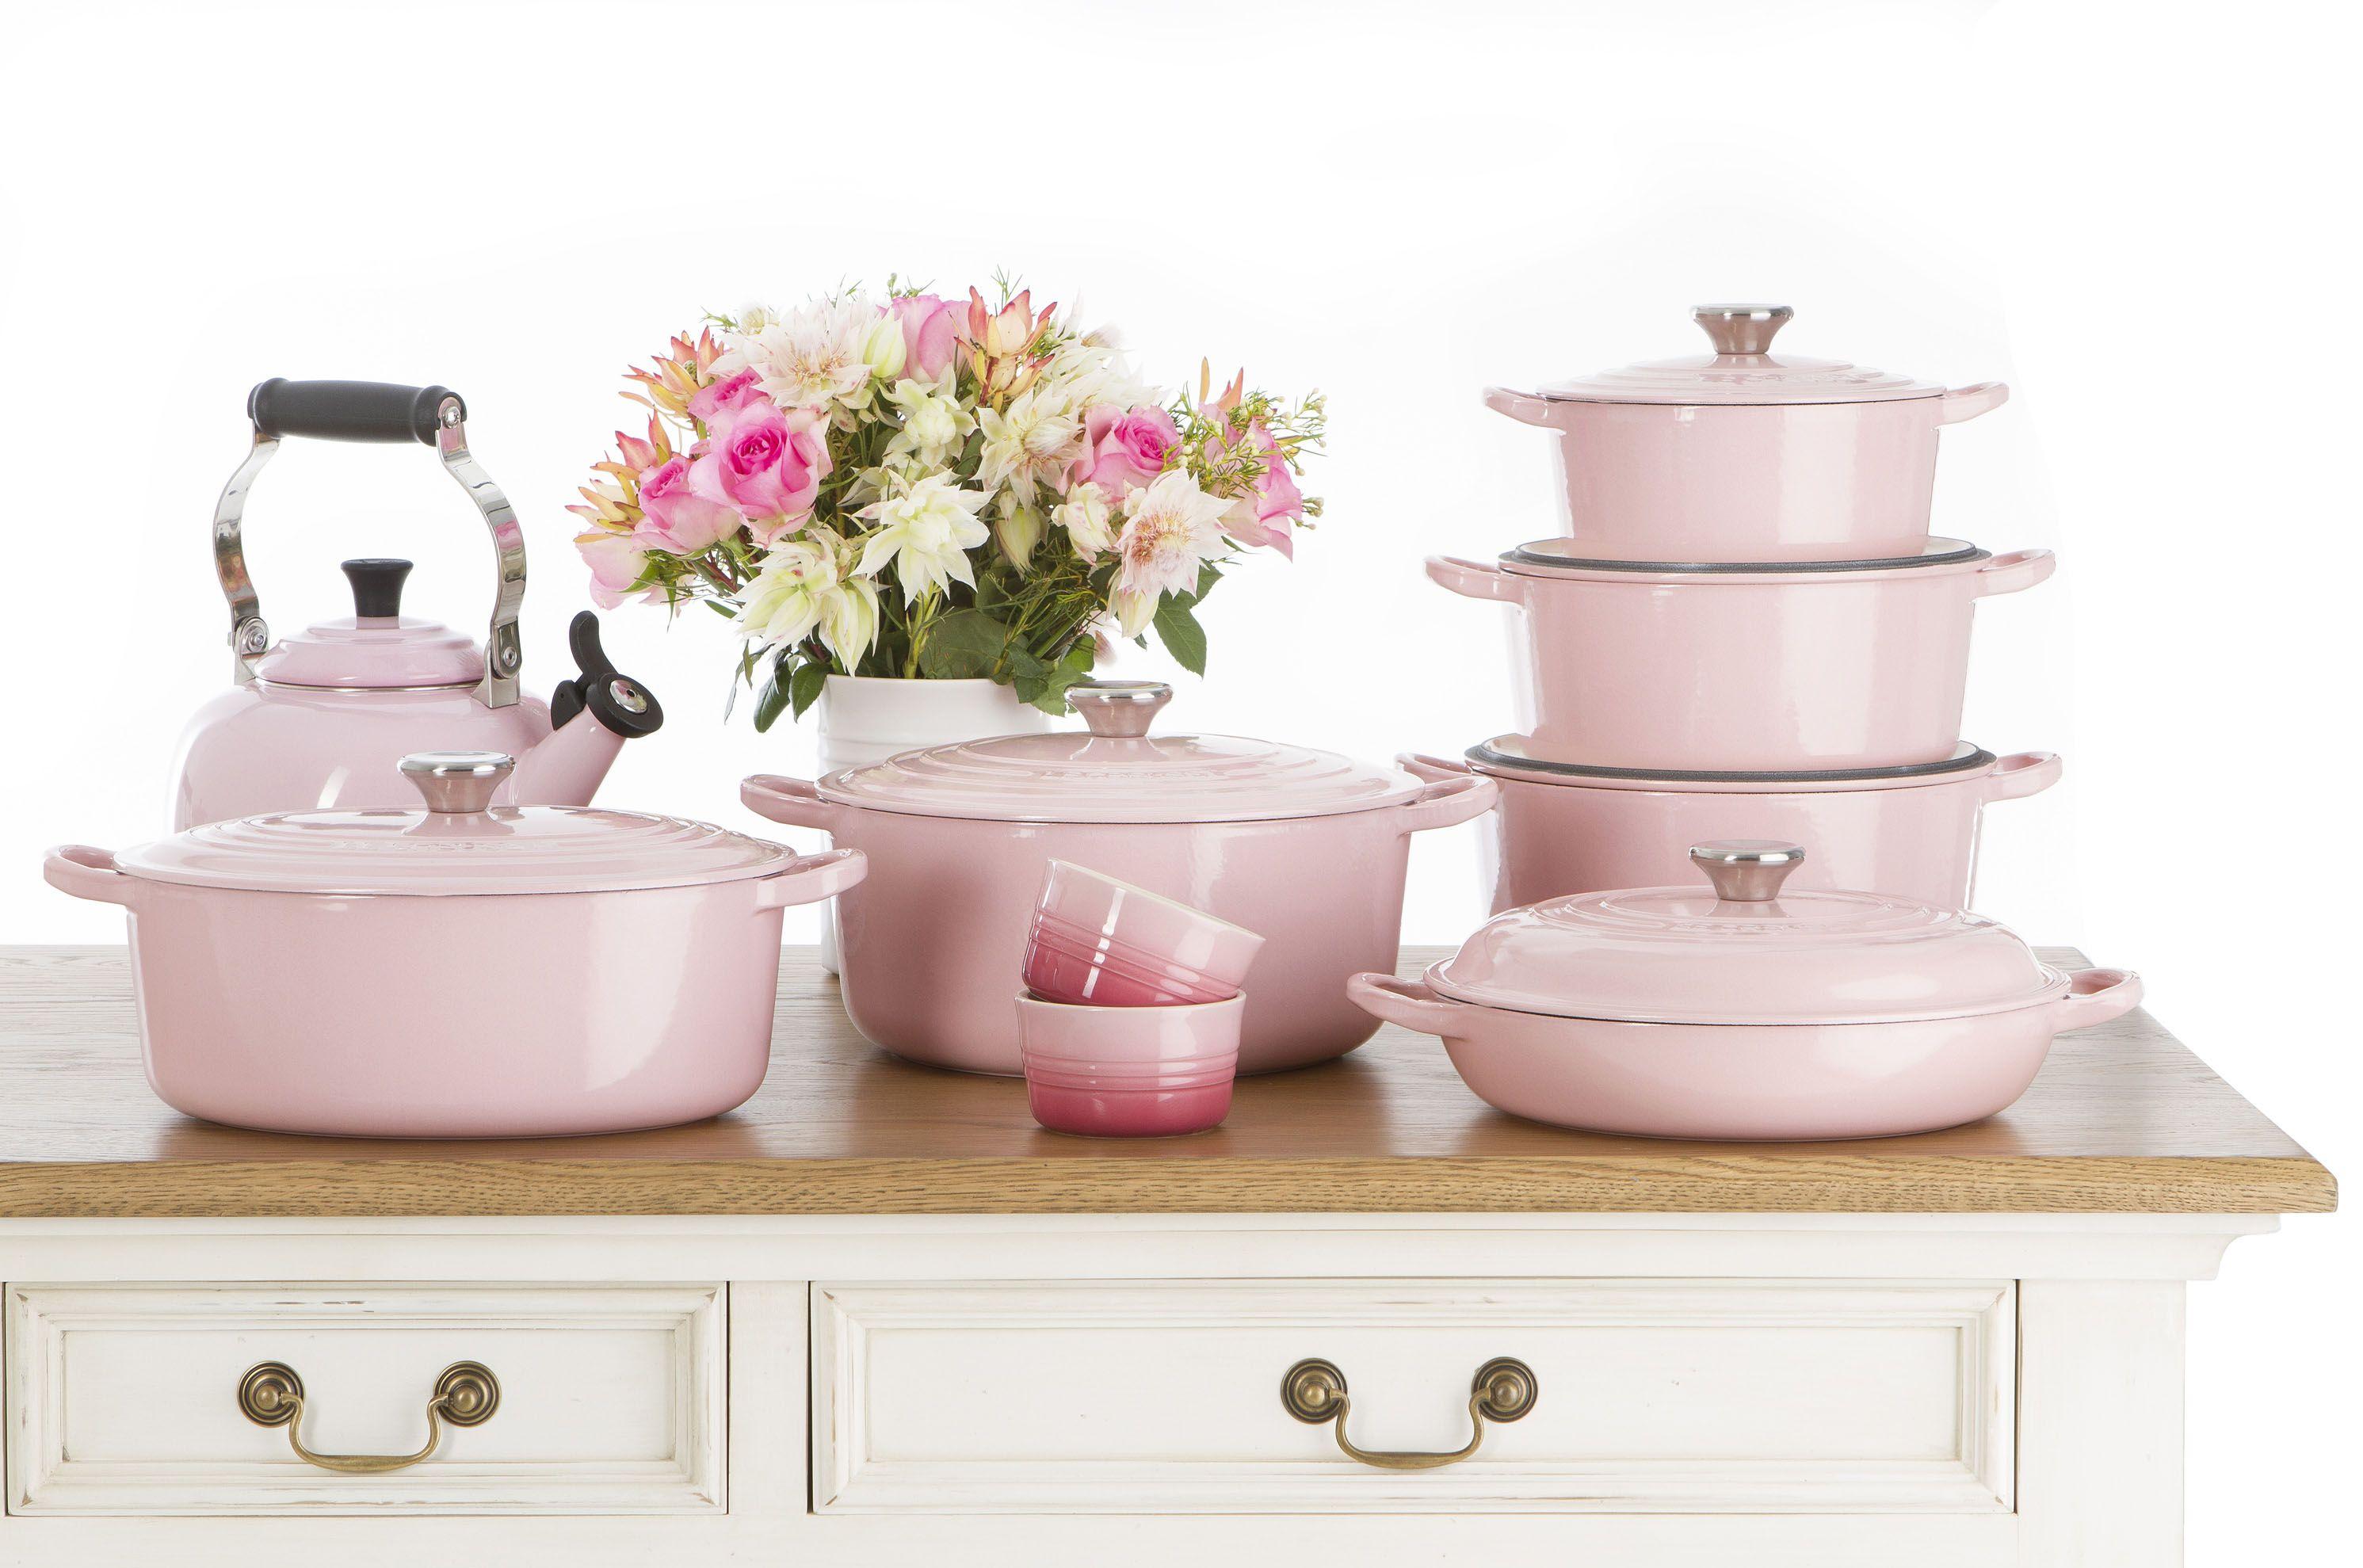 New Le Creuset Chiffon Pink Chiffon Pink Pinterest